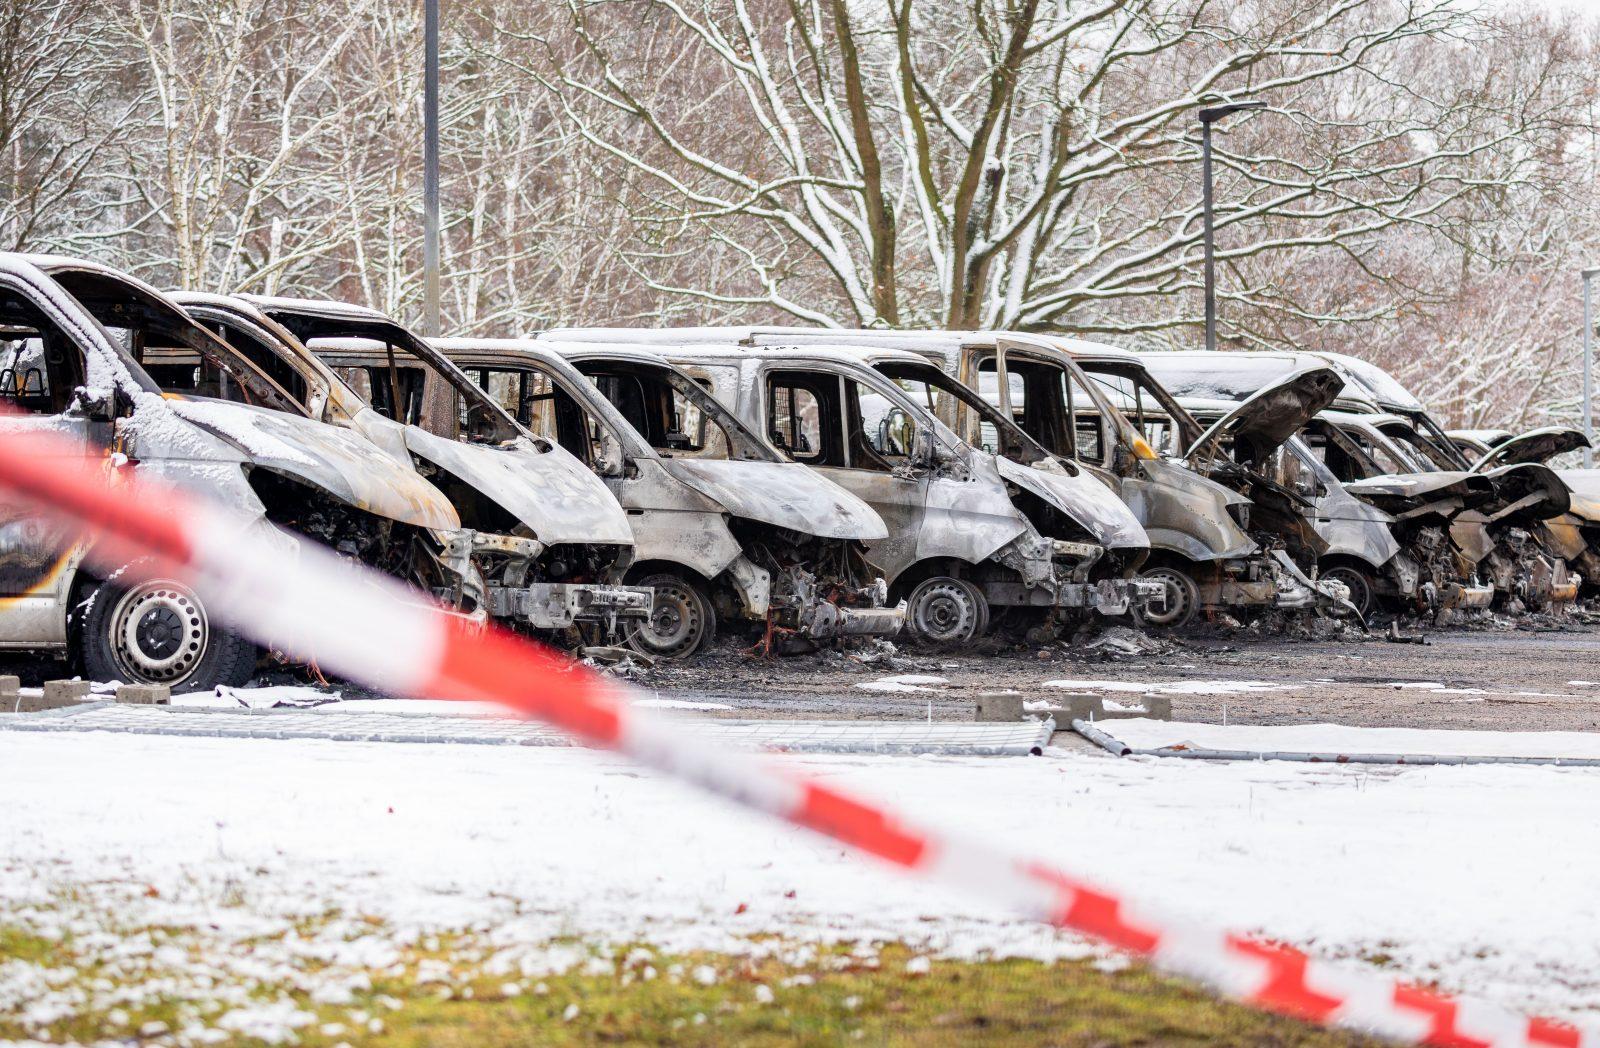 Ausgebrannte Fahrzeuge der Landesaufnahmebehörde in Braunschweig